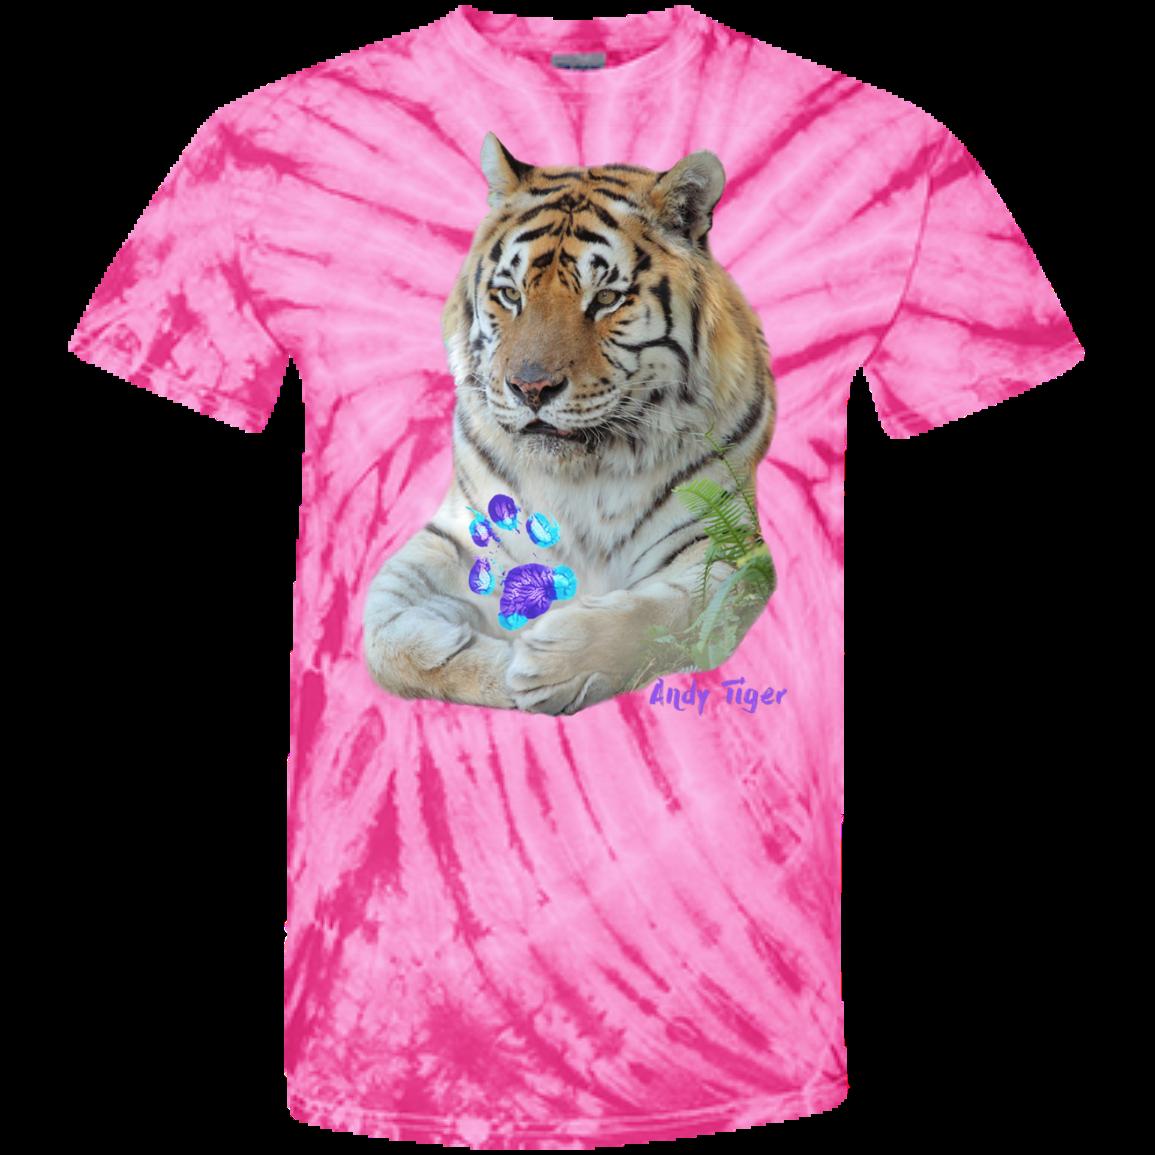 Andy Tiger Paw Print 100 Cotton Tie Dye TShirt Tie dye